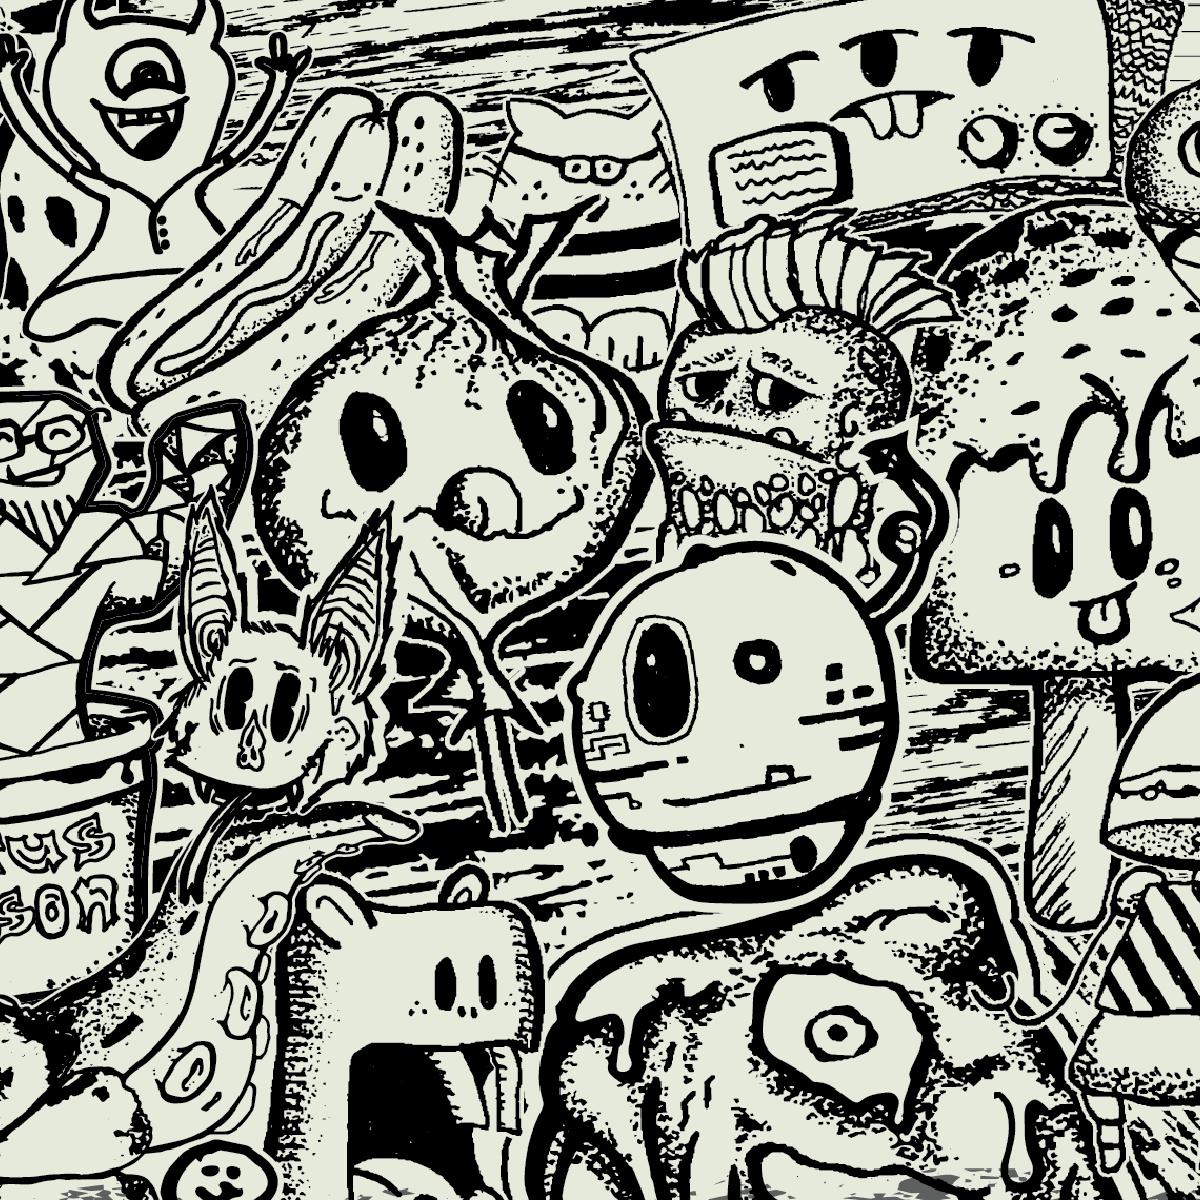 WebTab_Doodle Jr_TheShopBeerCo_TempeAZ-01-01.png